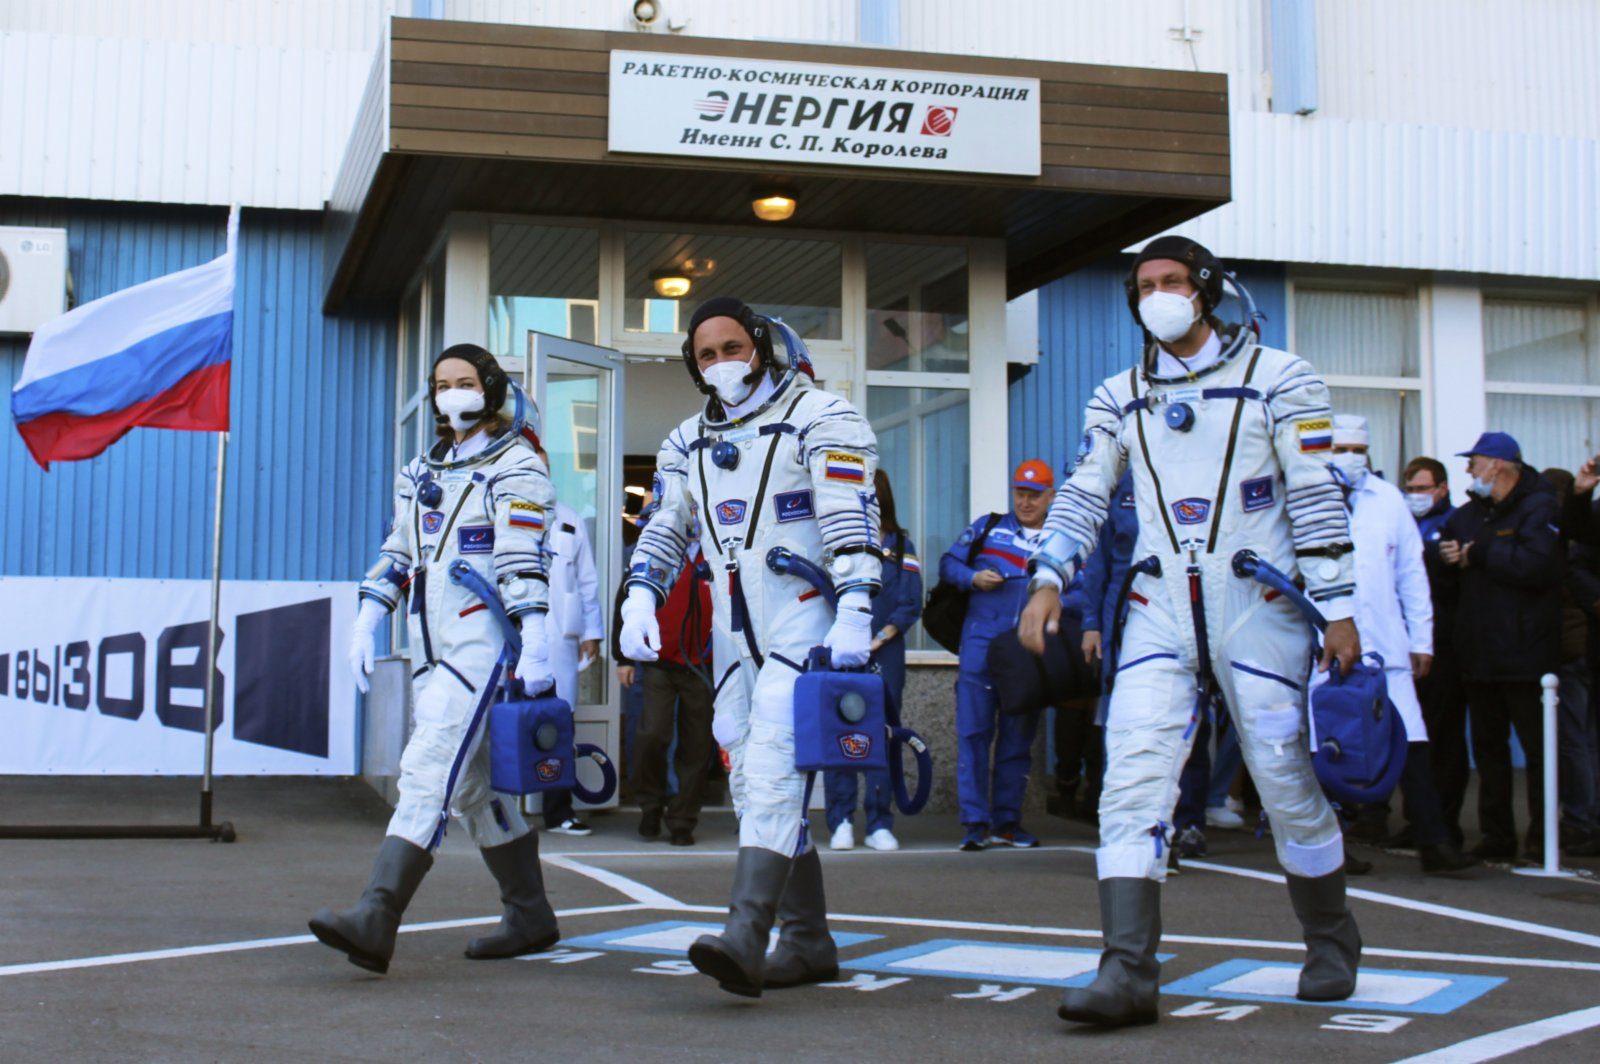 俄羅斯女演員尤利婭·佩列西利德(Yulia Peresild)、俄羅斯宇航員安頓·什卡普勒羅夫(Anton Shkaplerov)及導演克利姆·希片科(Klim Shipenko)(美聯社)